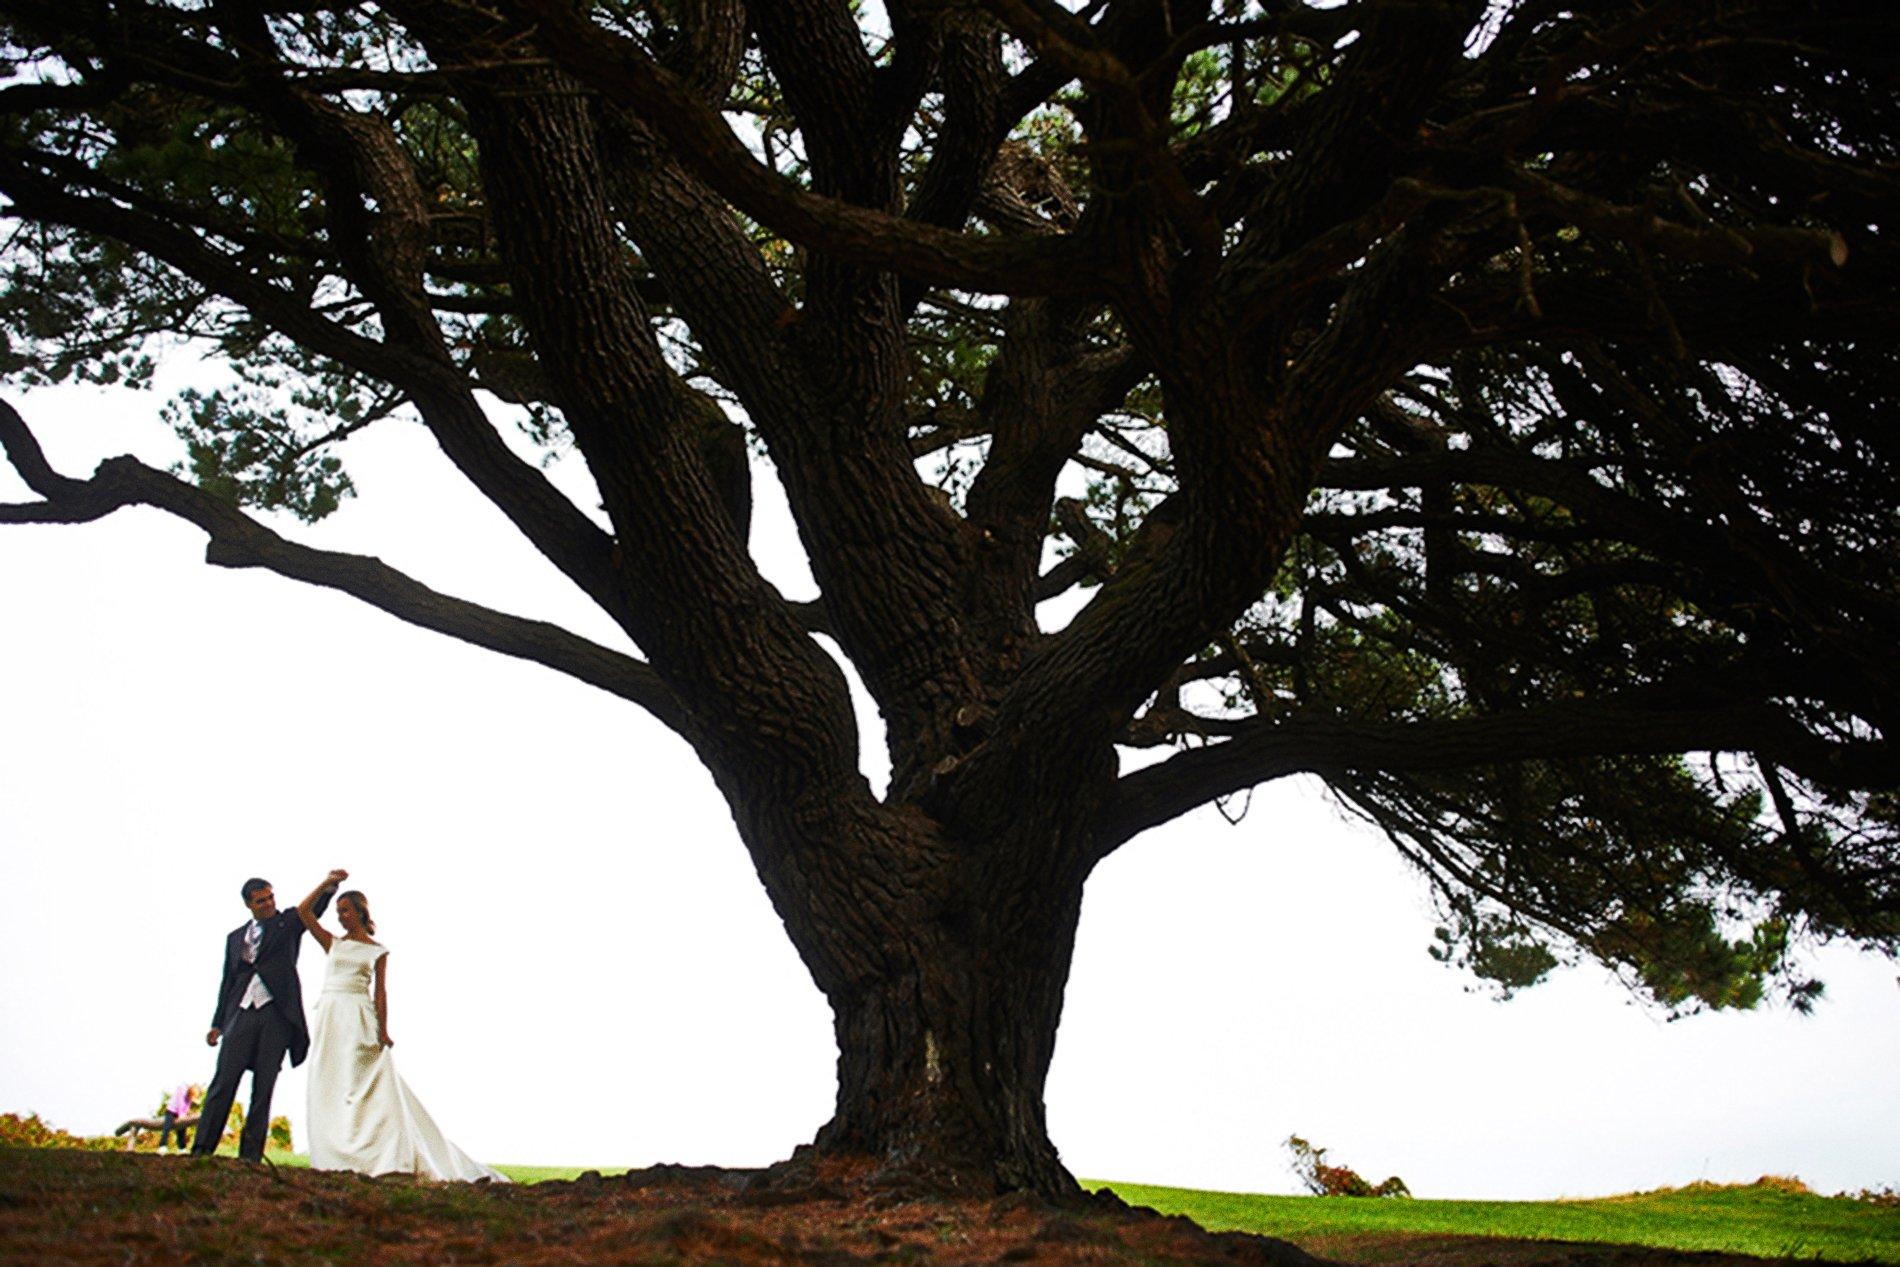 fotografo-de-bodas-en-santander-restaurante-deluz-sardinero-santander-cantabria